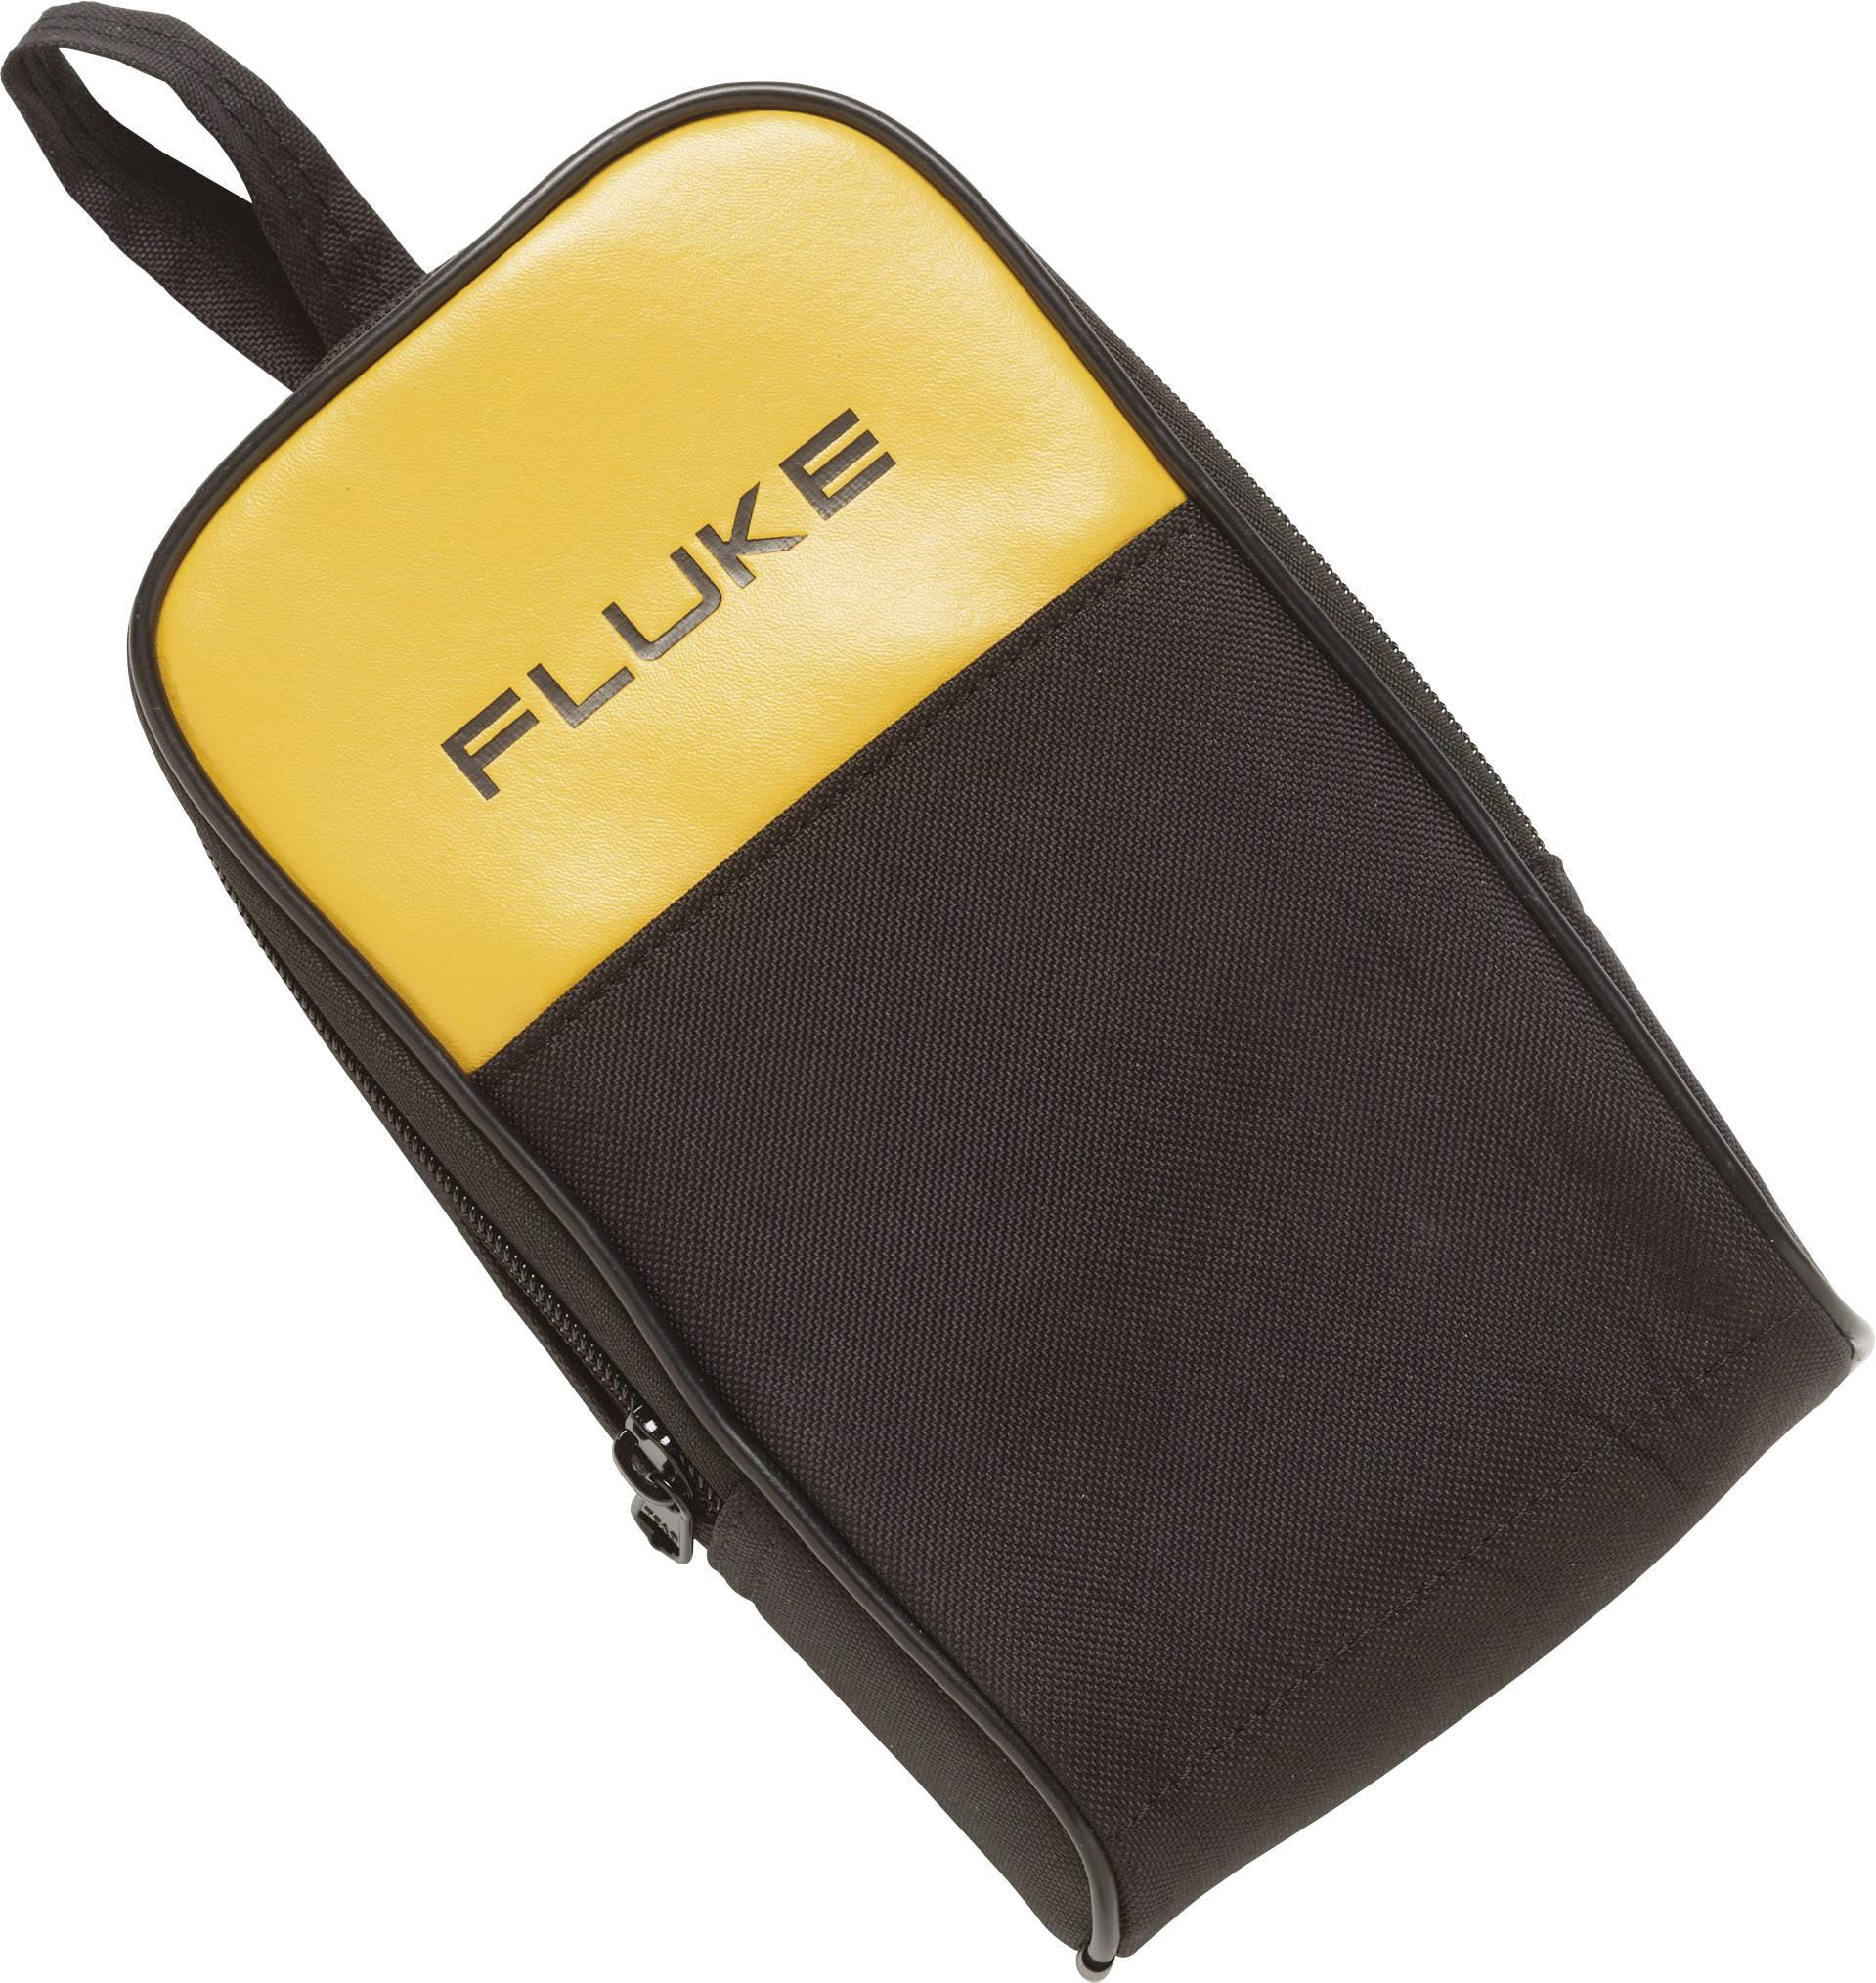 Pouzdro Fluke C25 pro multimetr Fluke 187/189